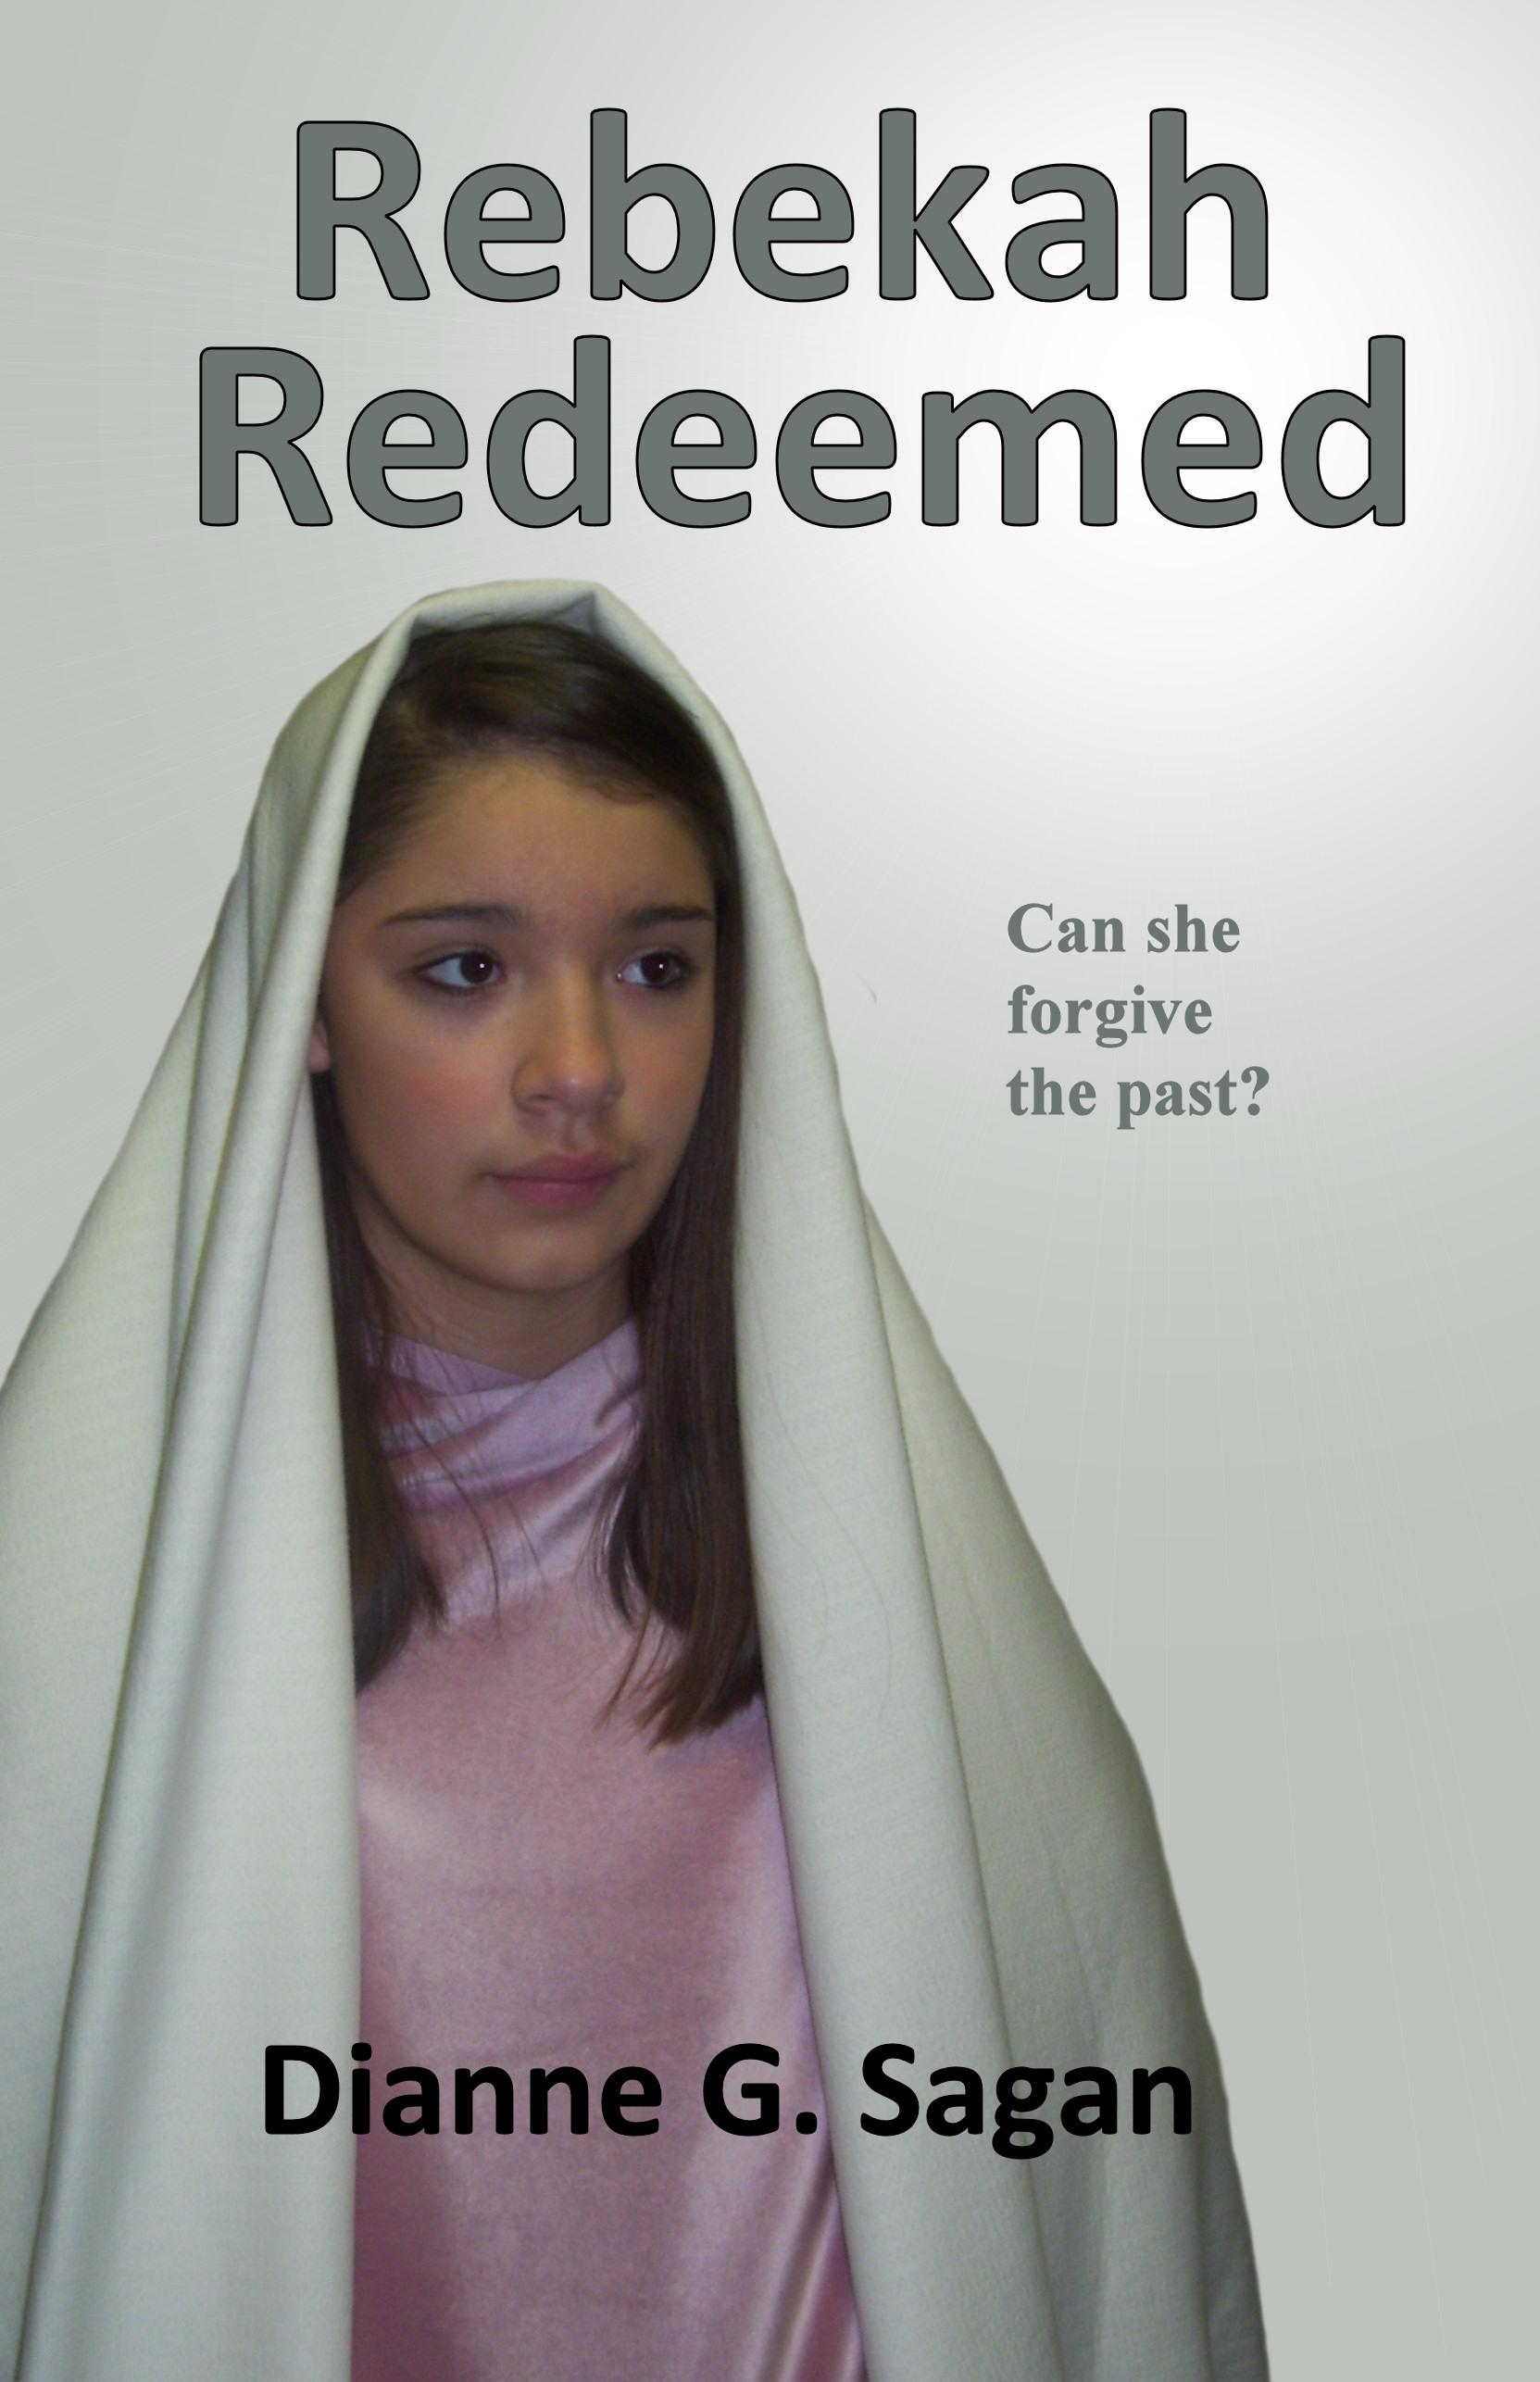 Rebekah Redeemed